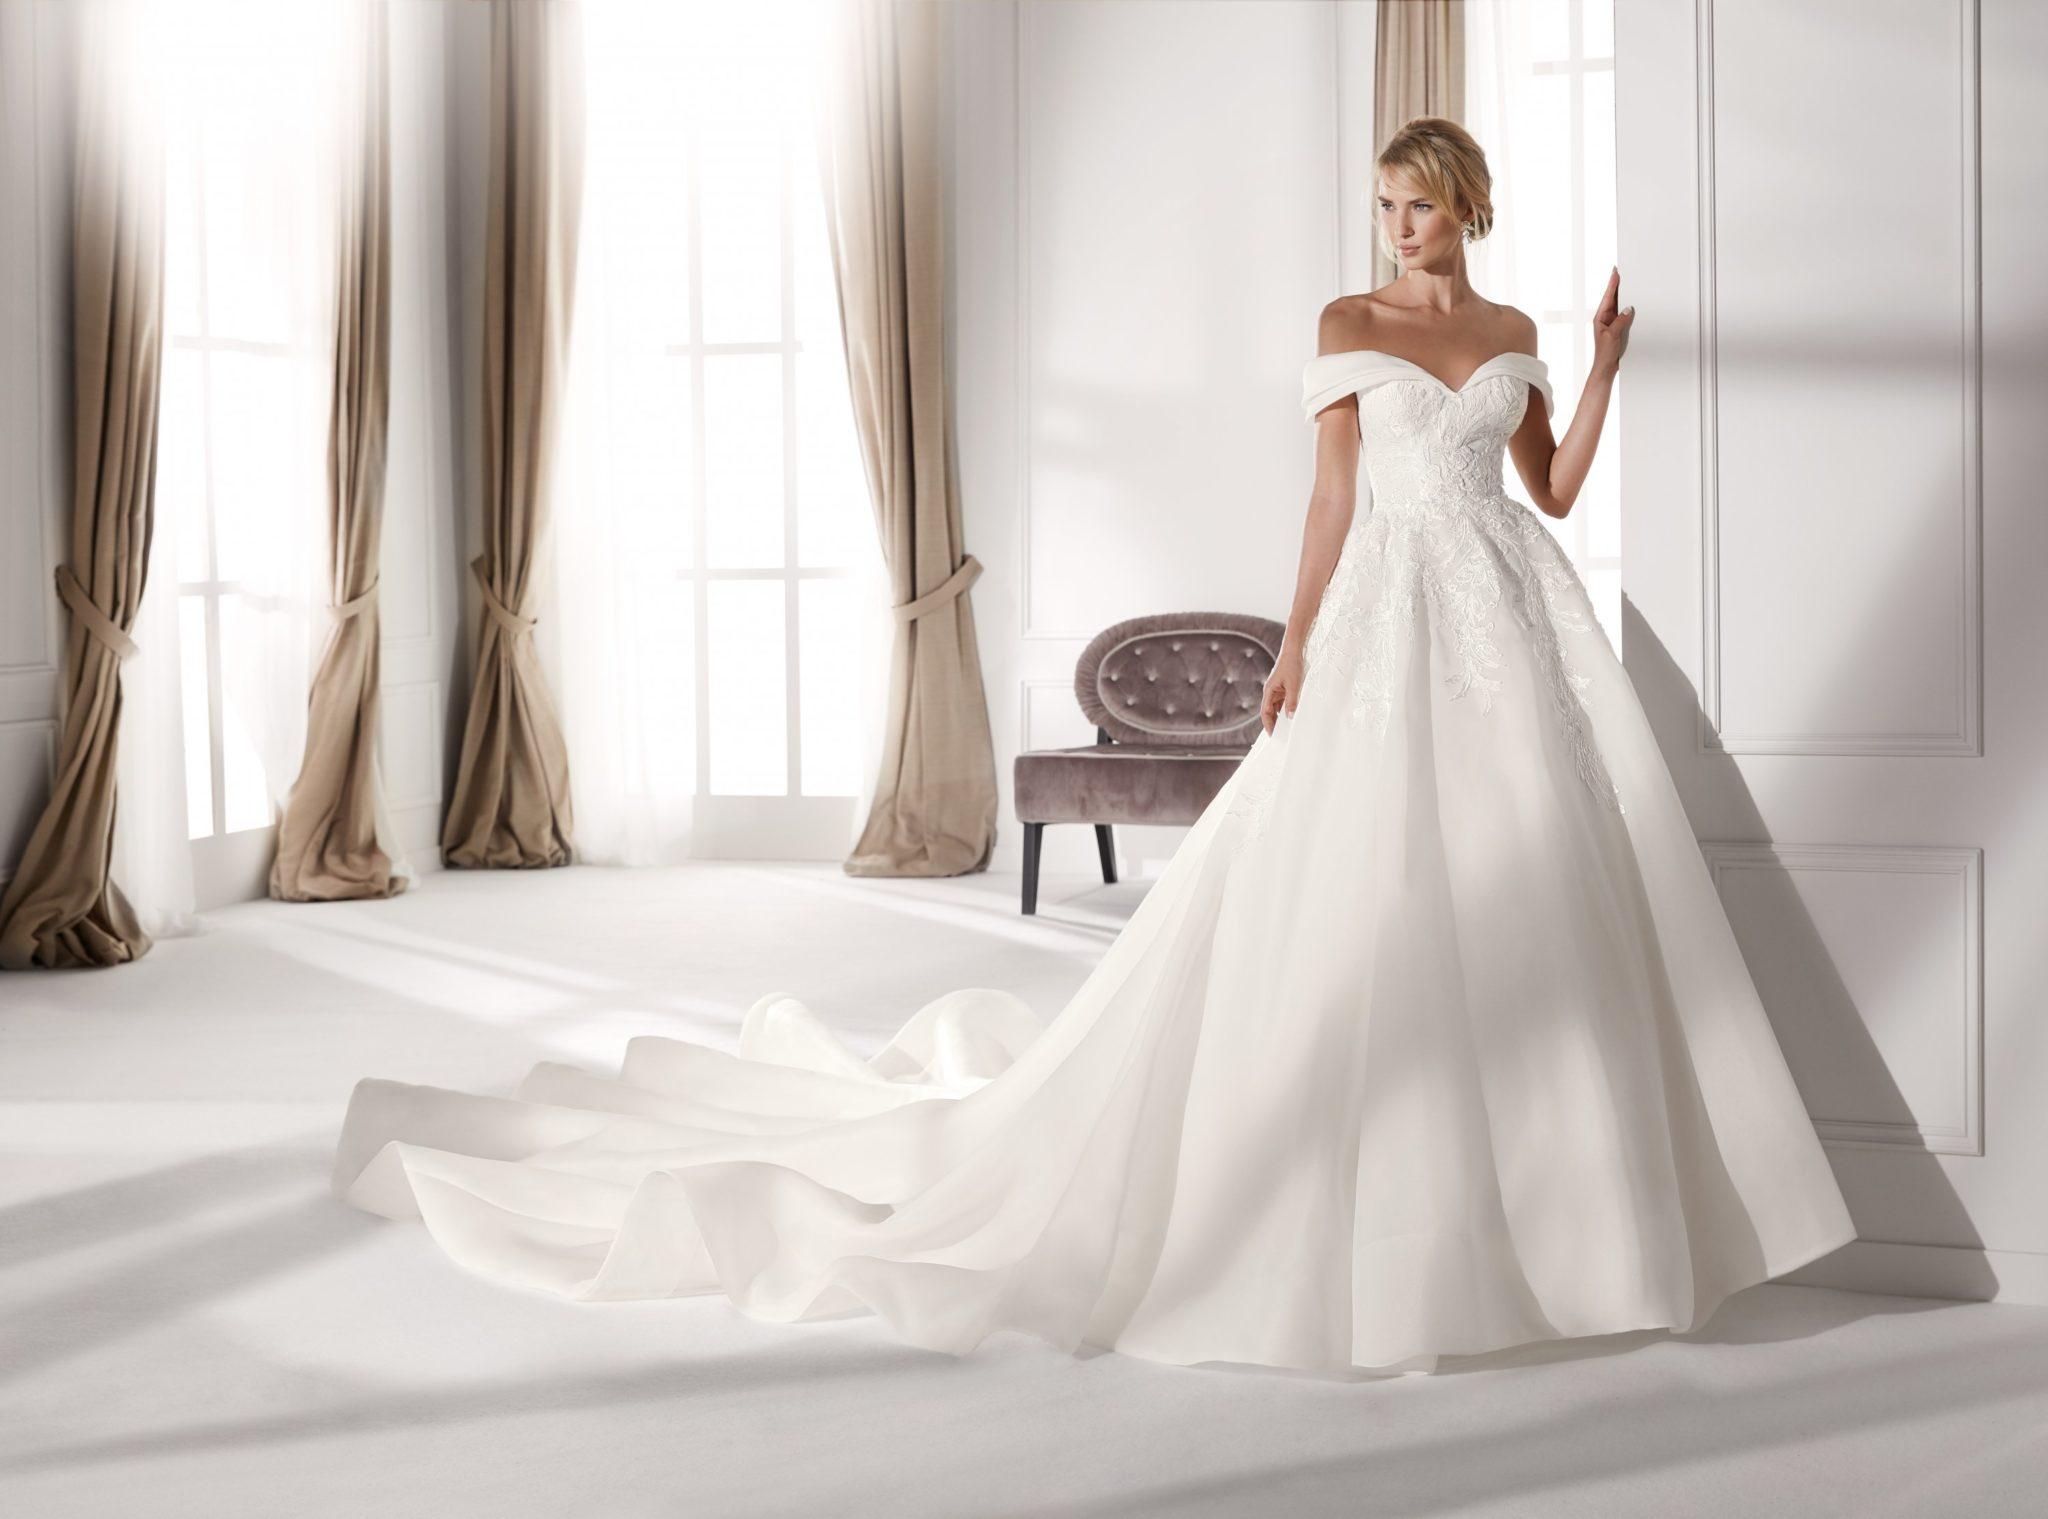 off-the-shoulder-wedding dresses